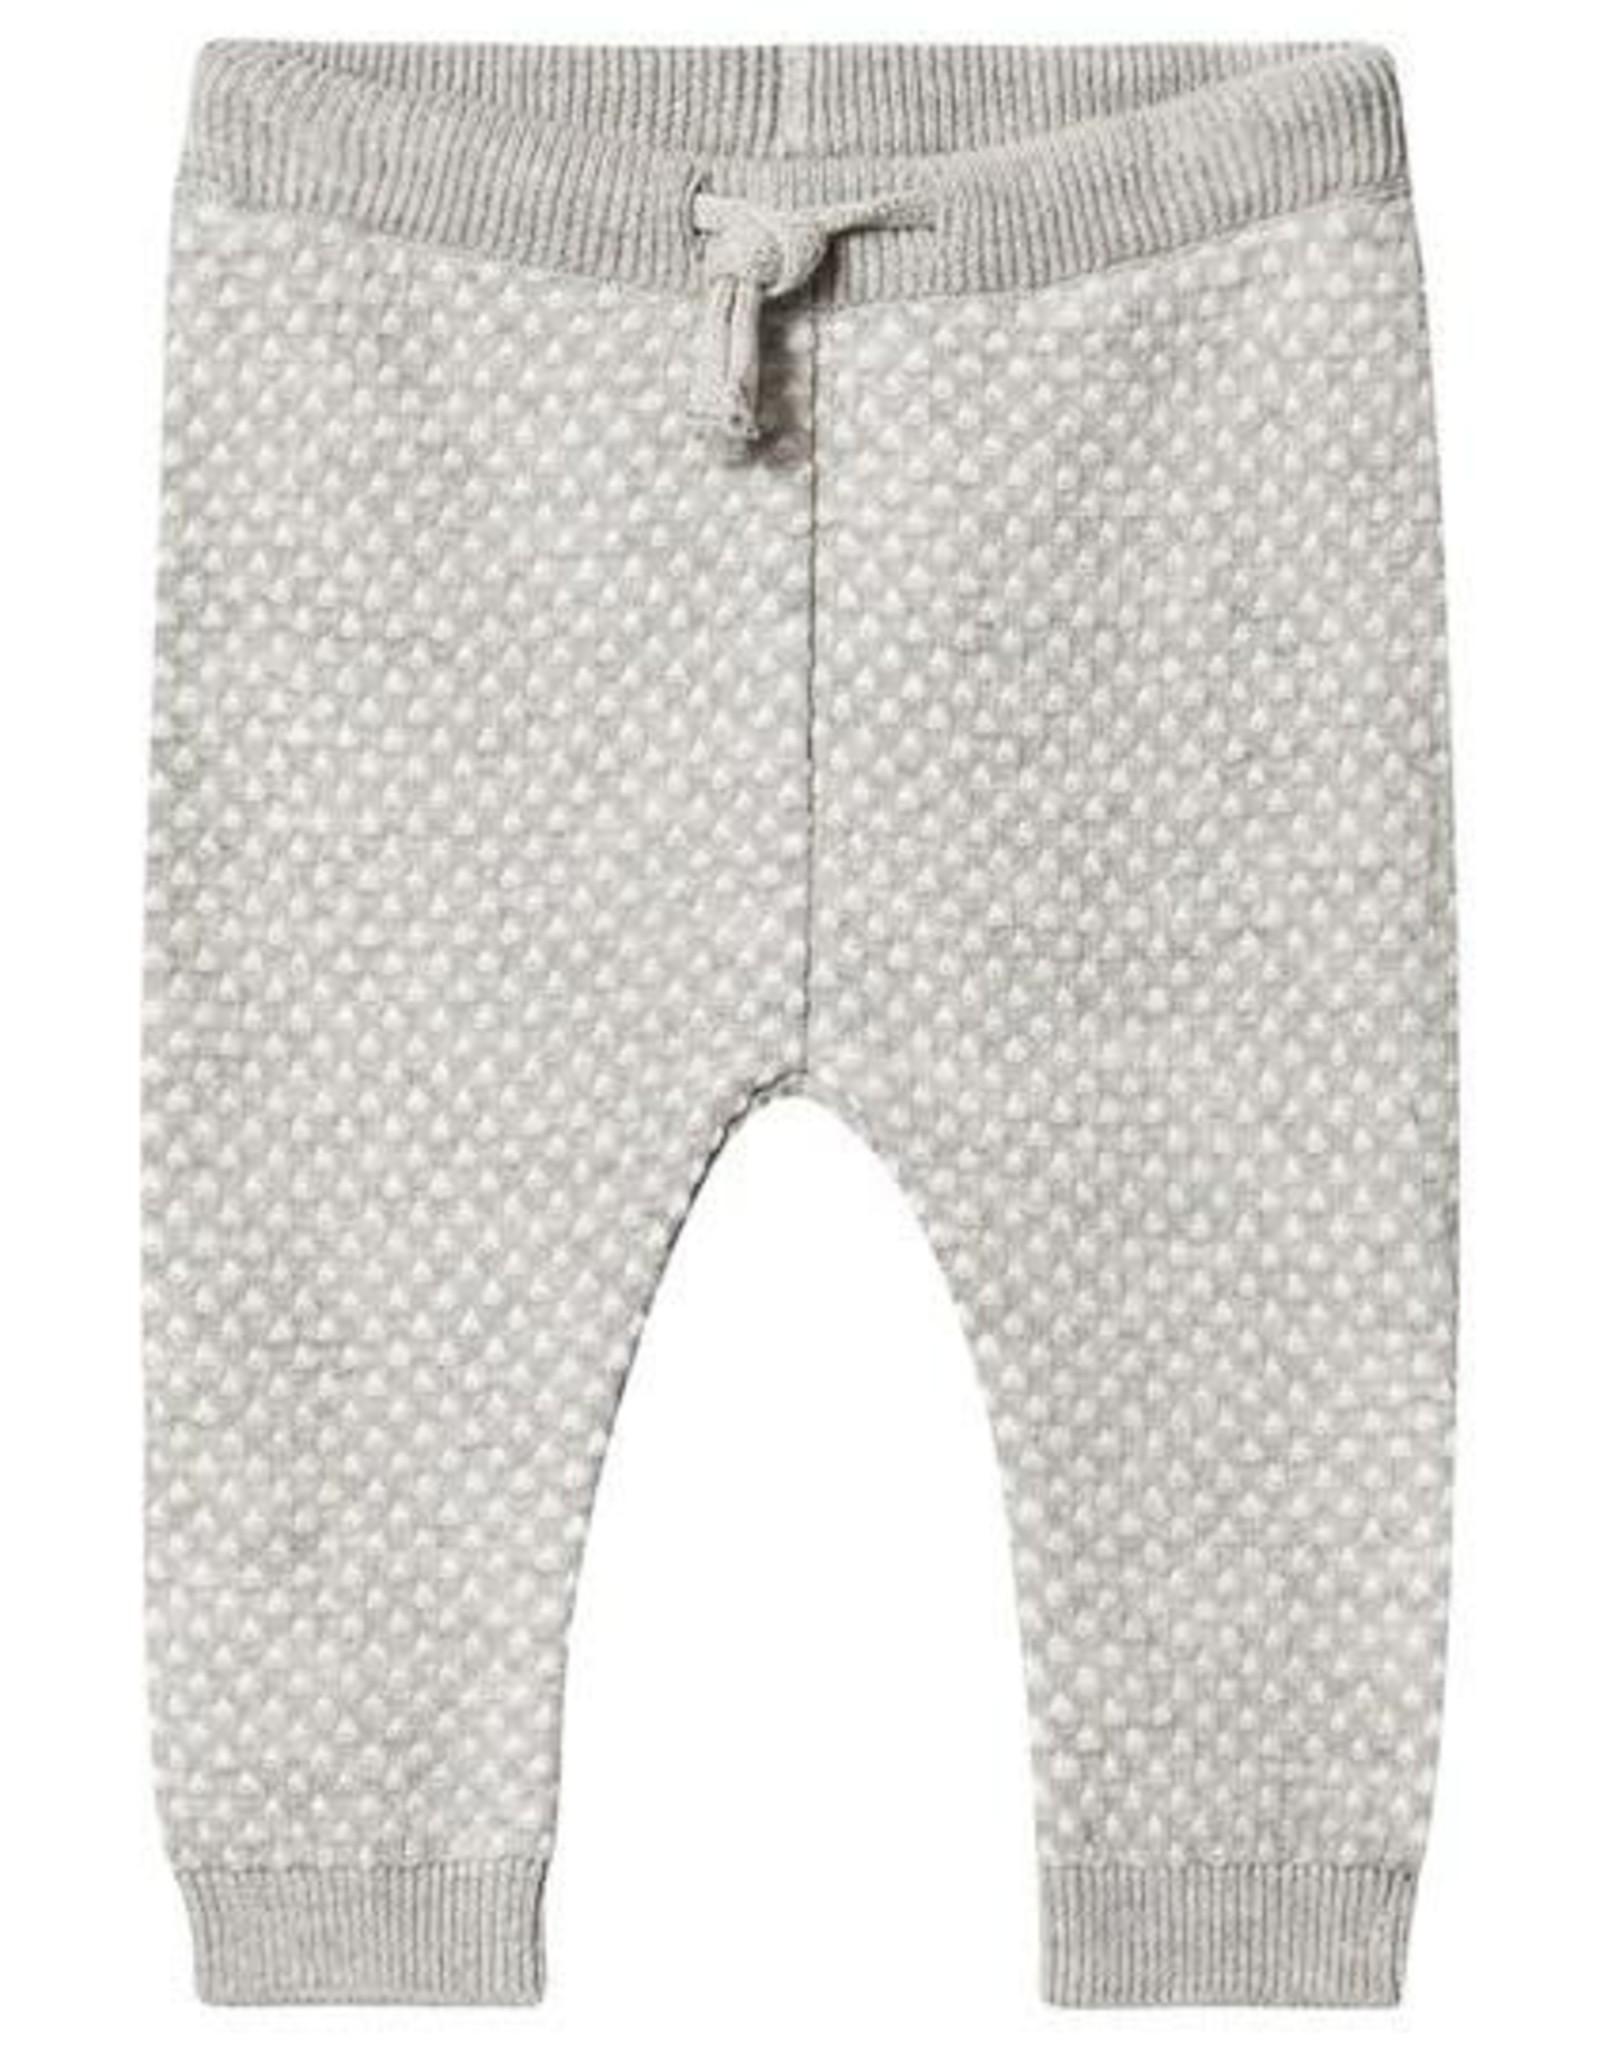 Fixoni Tight knit organic legging cloudburst